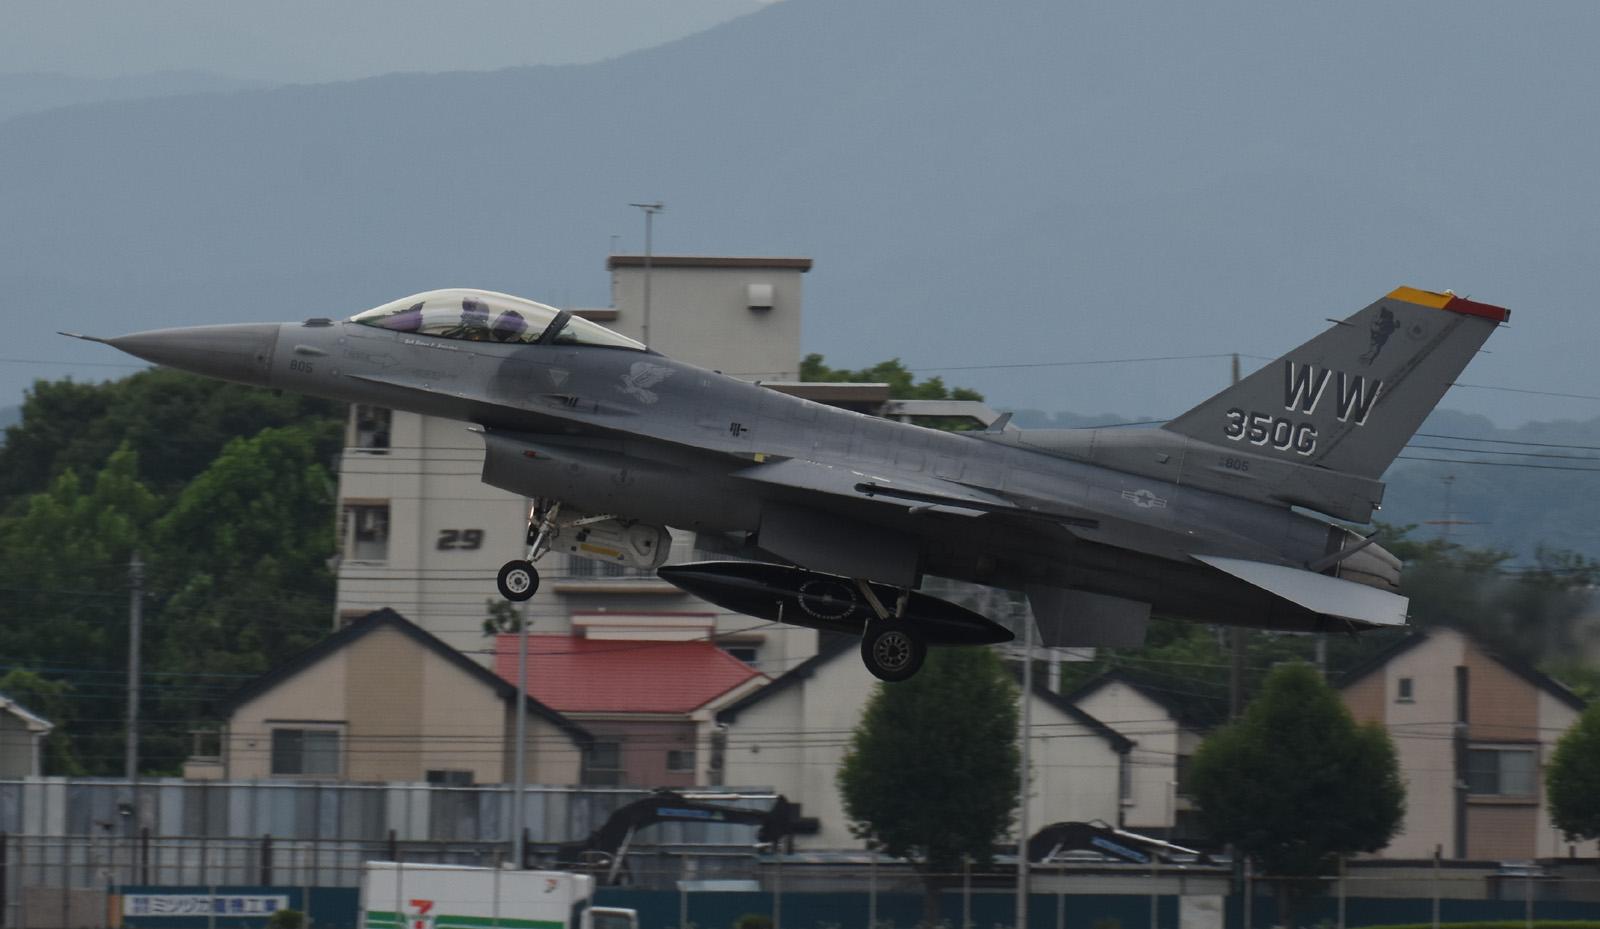 F16cm180531g893